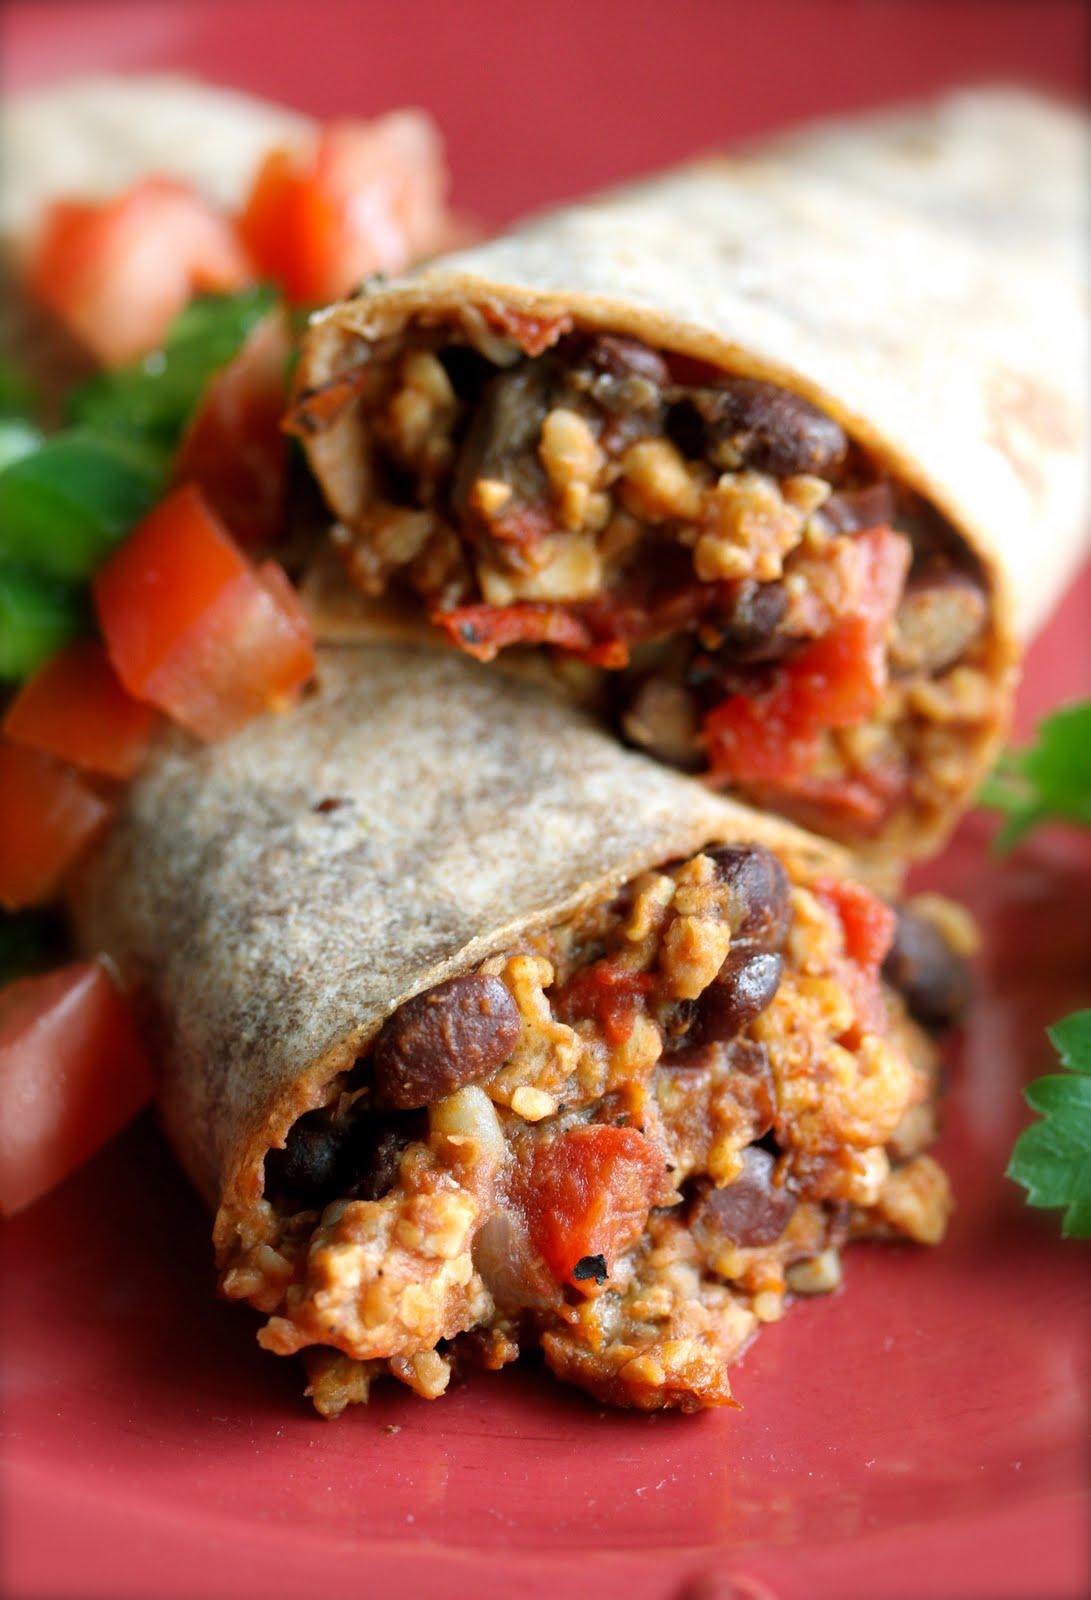 Smith's Vegan Kitchen: Tempeh and Black Bean Burritos